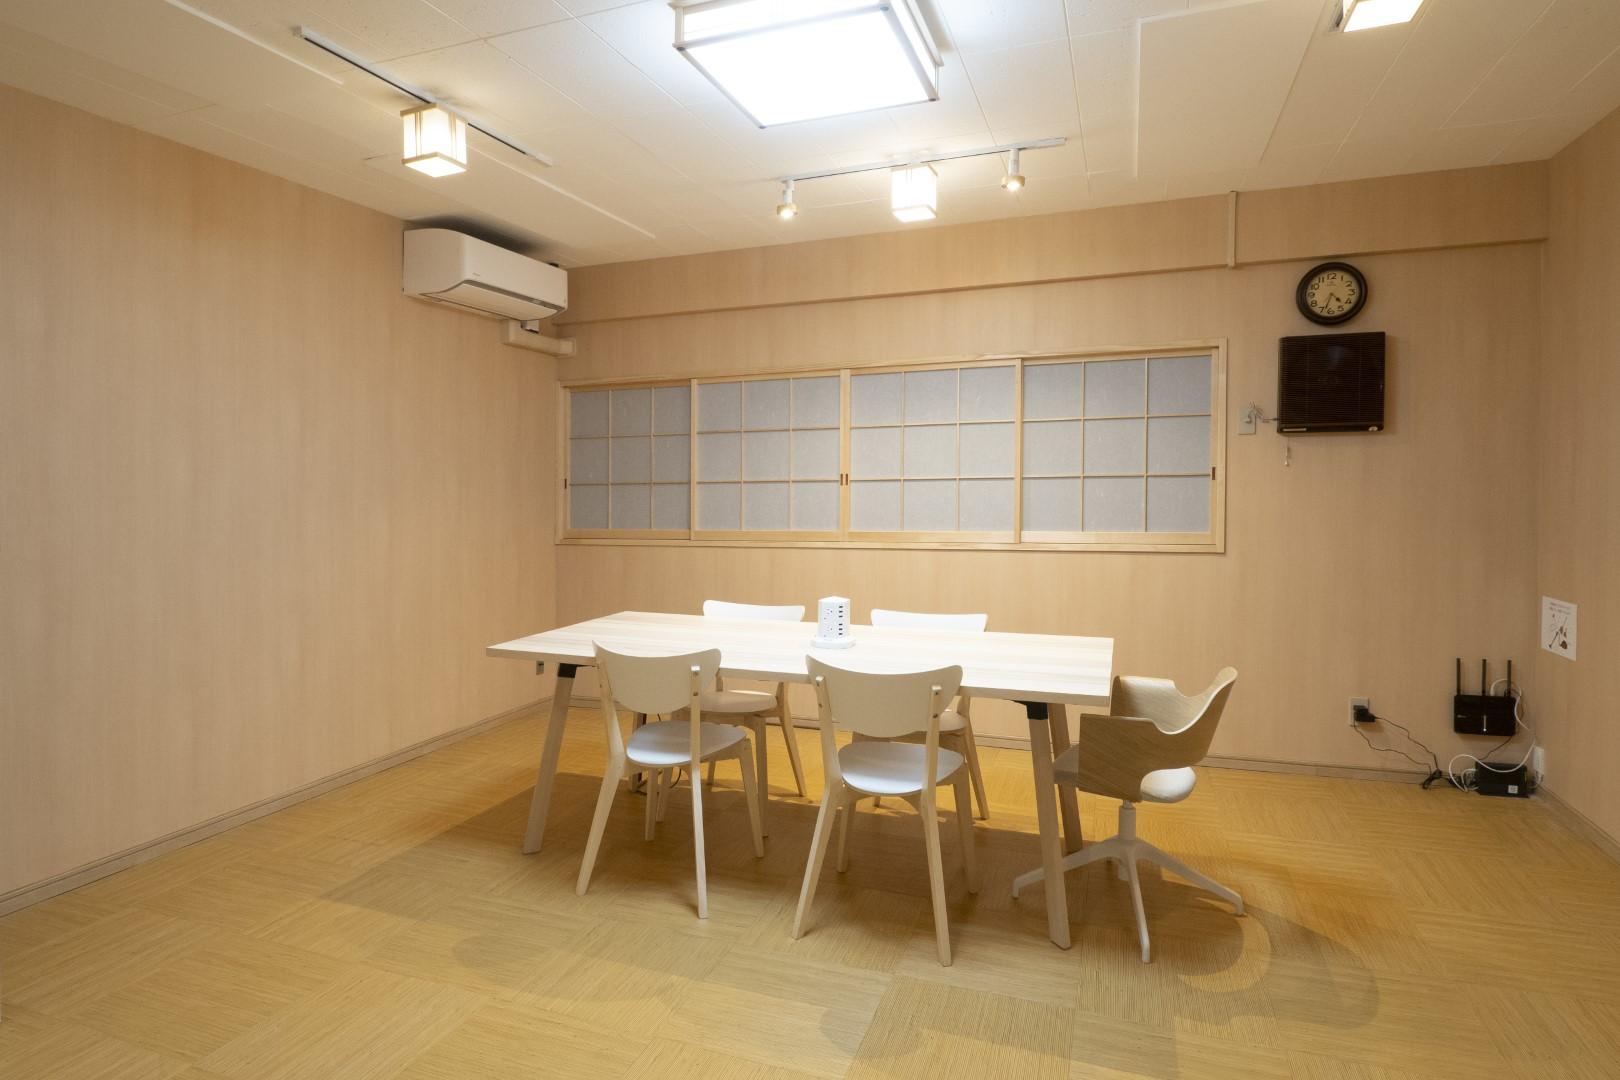 補助椅子を使えば12人まで利用可能です - レンタルルーム 馬車道茶会室 会議室 瞑想 テレワークの室内の写真